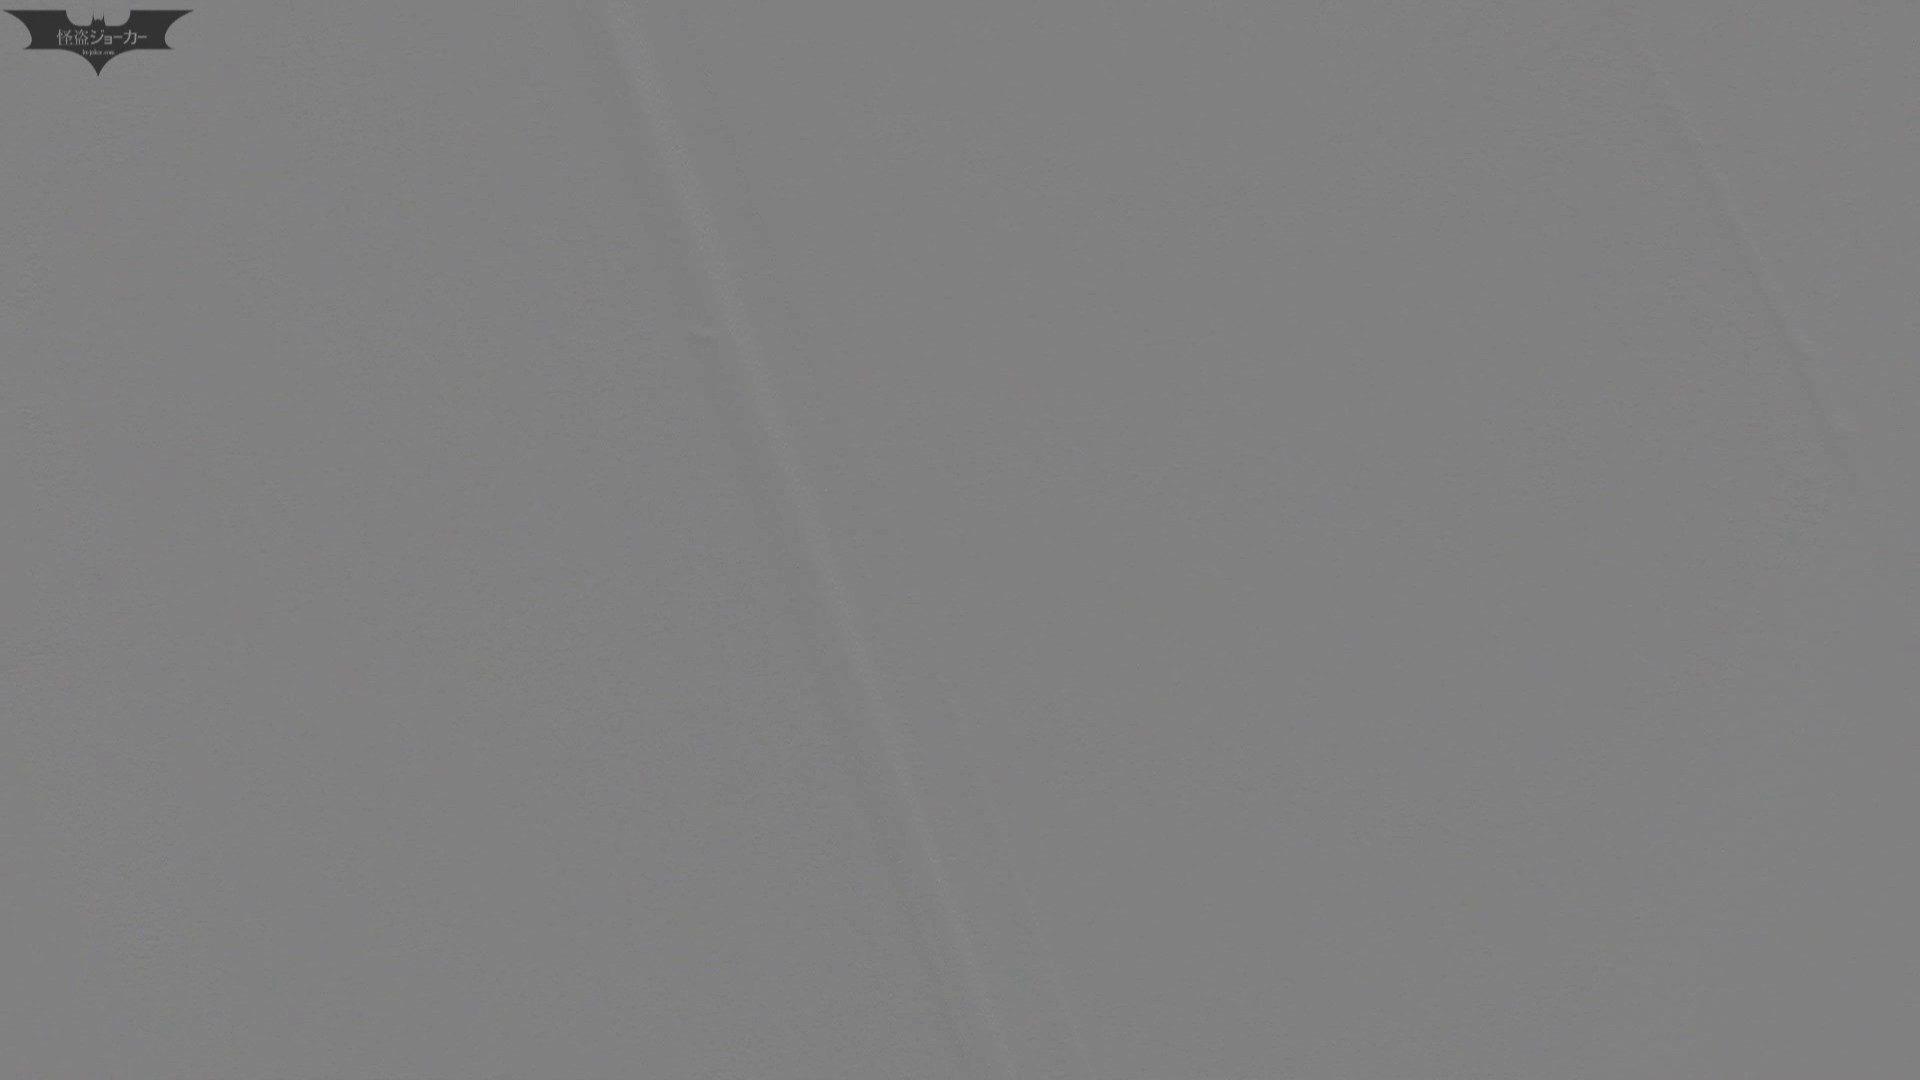 下からノゾム vol.019 美JとBスはあそこも違う!! OLの実態 | 0  100pic 9